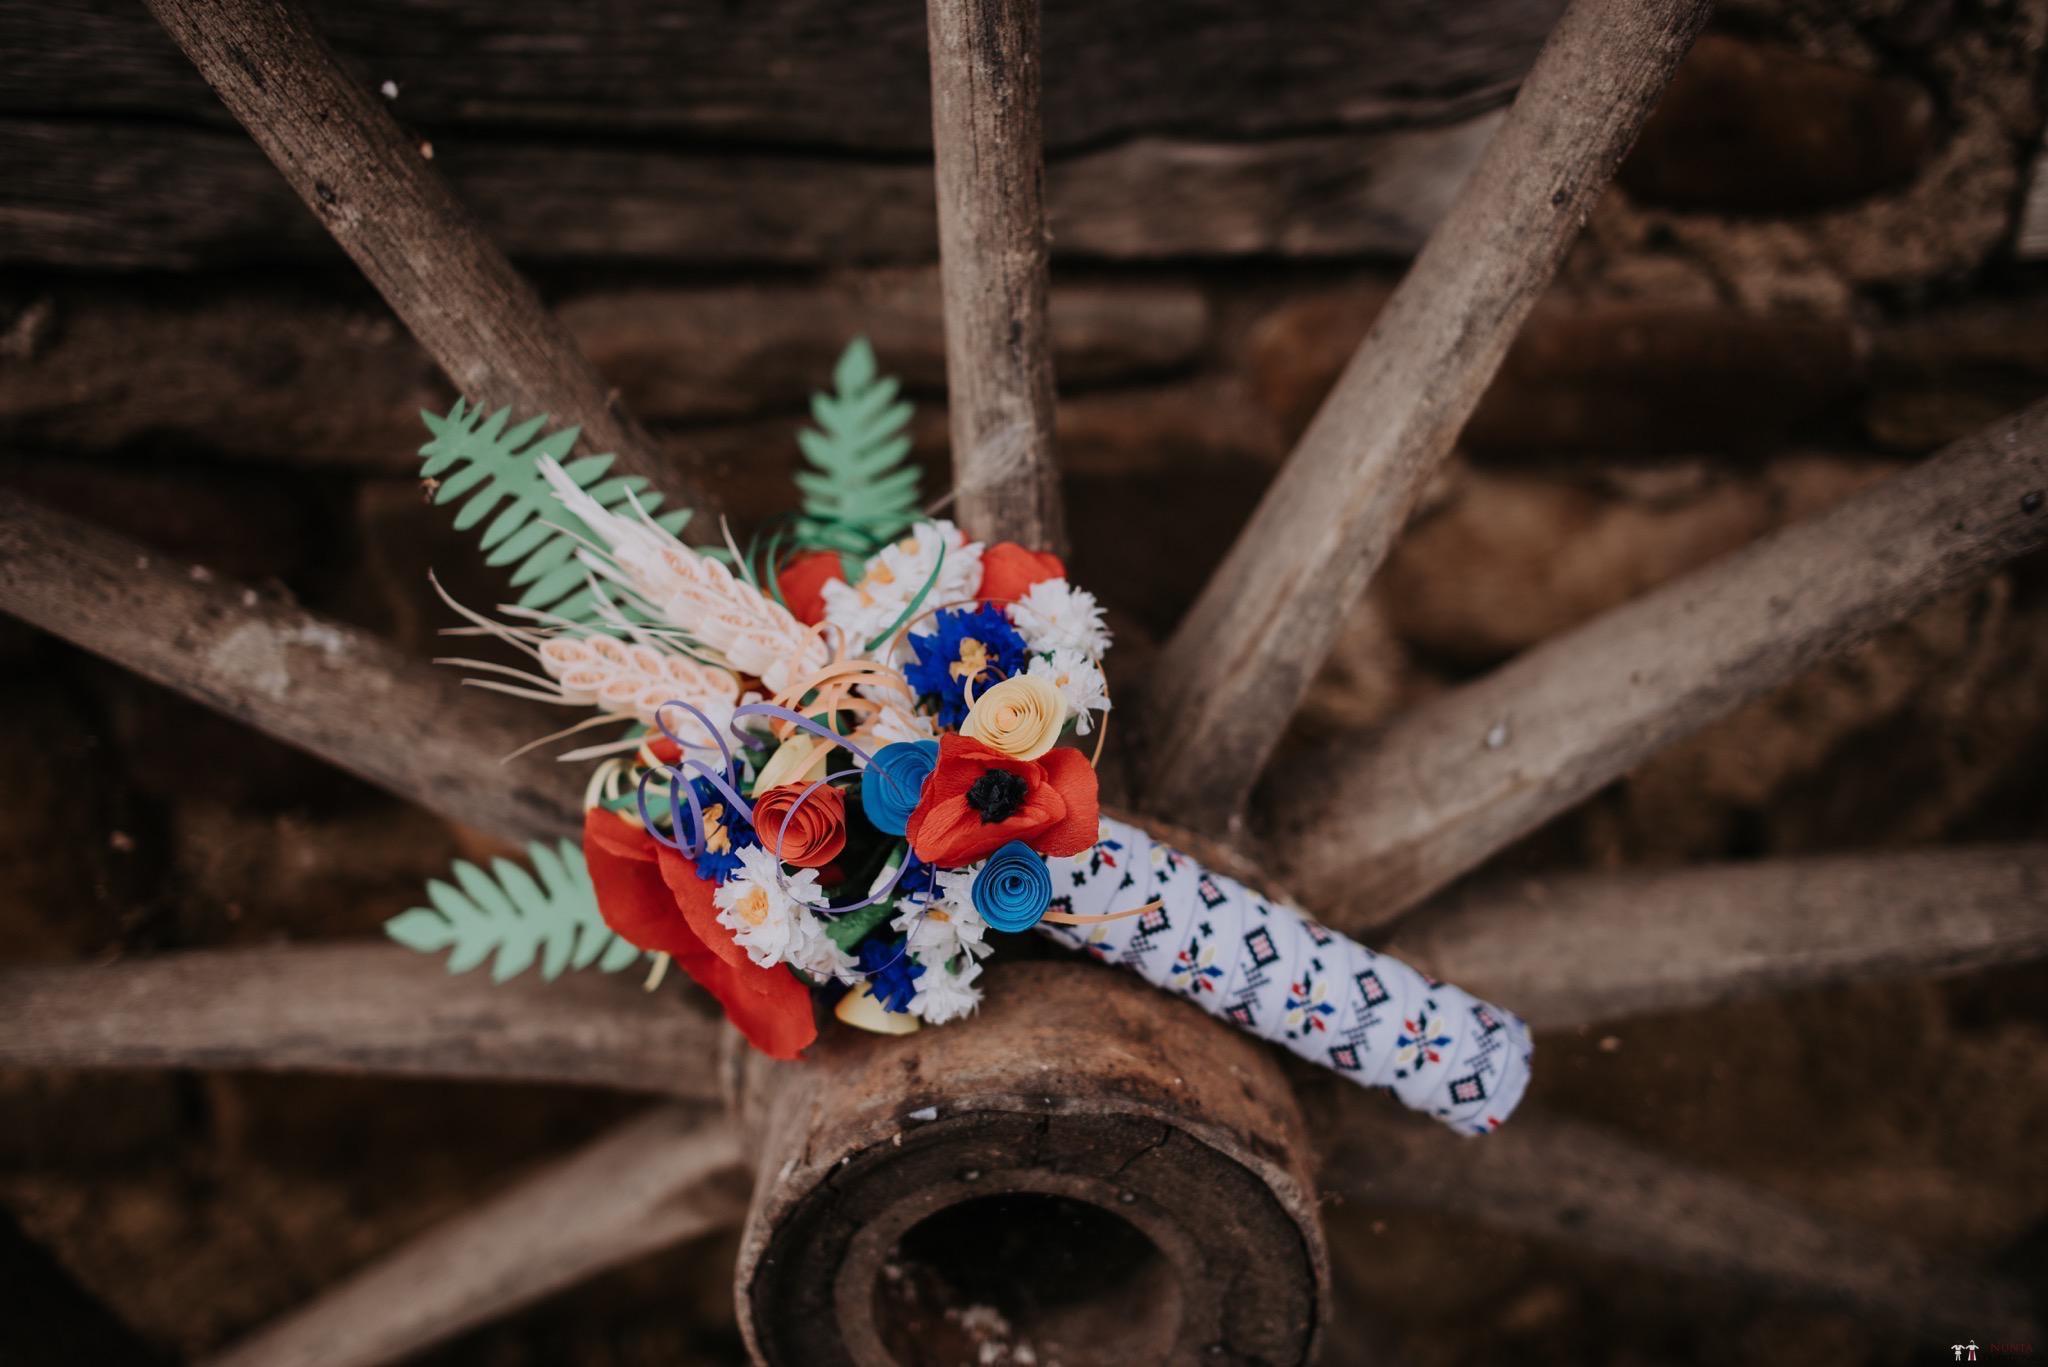 Povești Nunți Tradiționale - Silvia și Adrian. Nuntă tradițională în Ghighișeni, Bihor 4